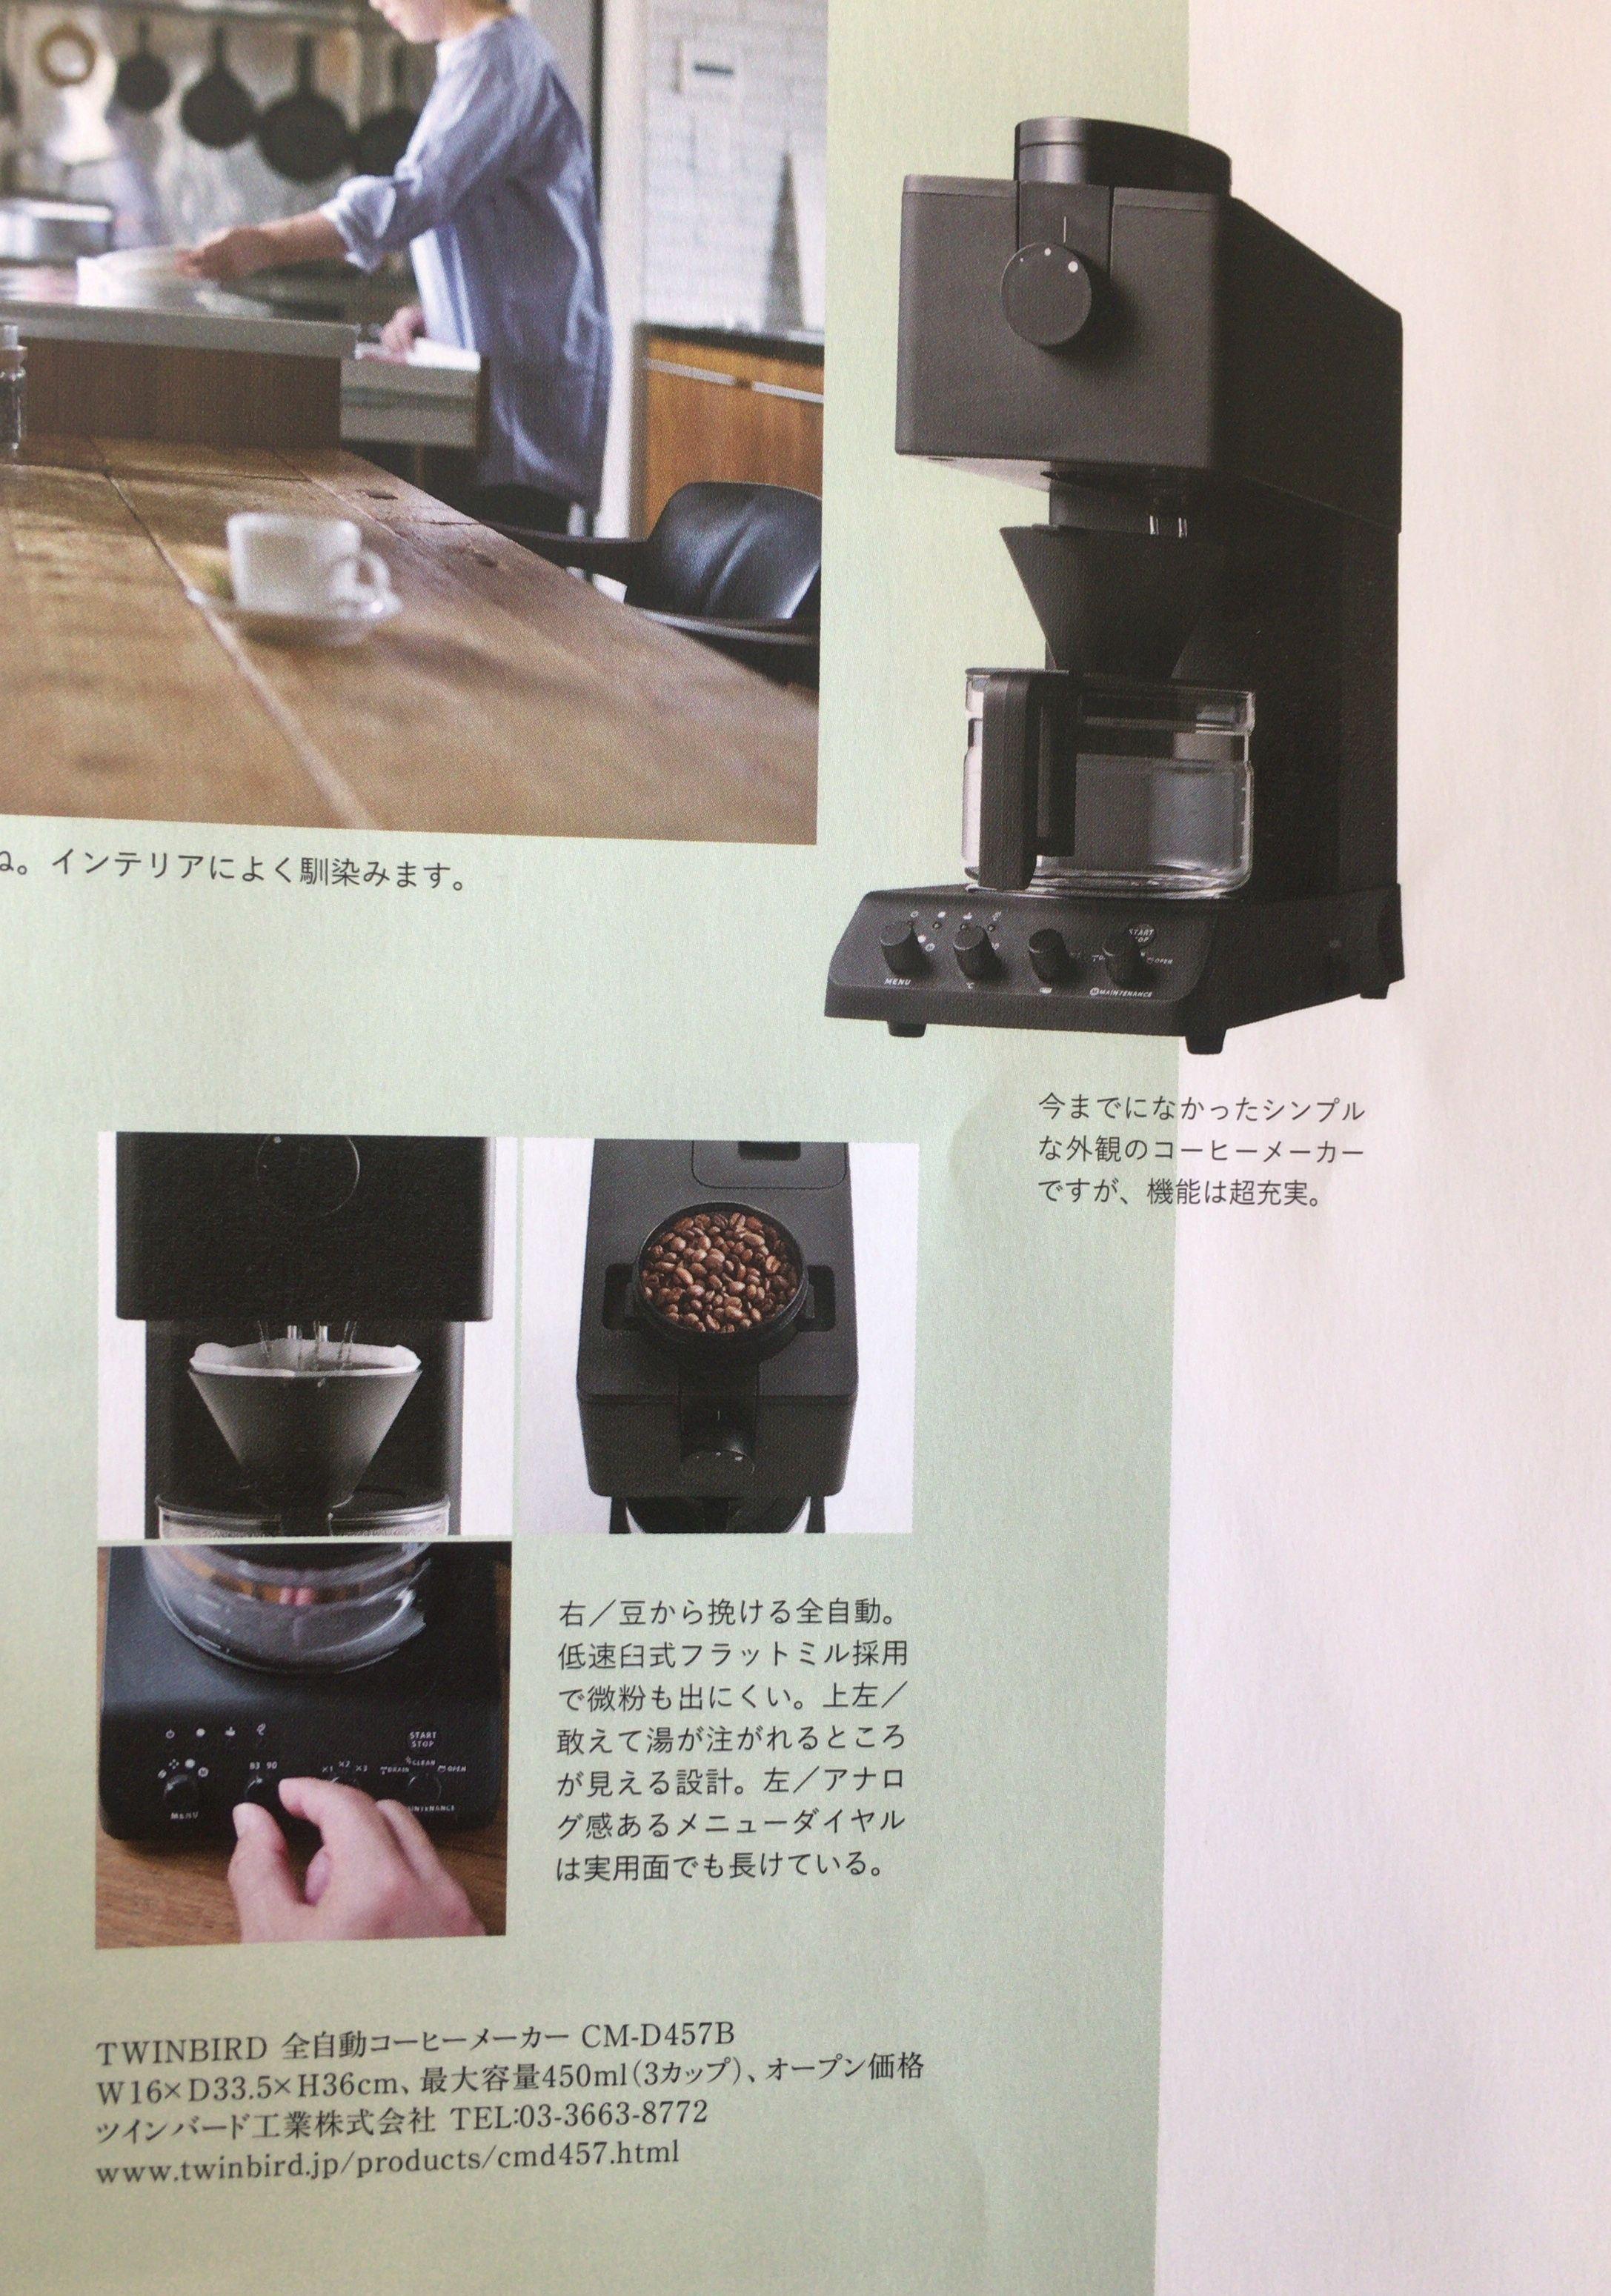 Twinbird Coffee Maker Espresso Machine Kitchen Appliances